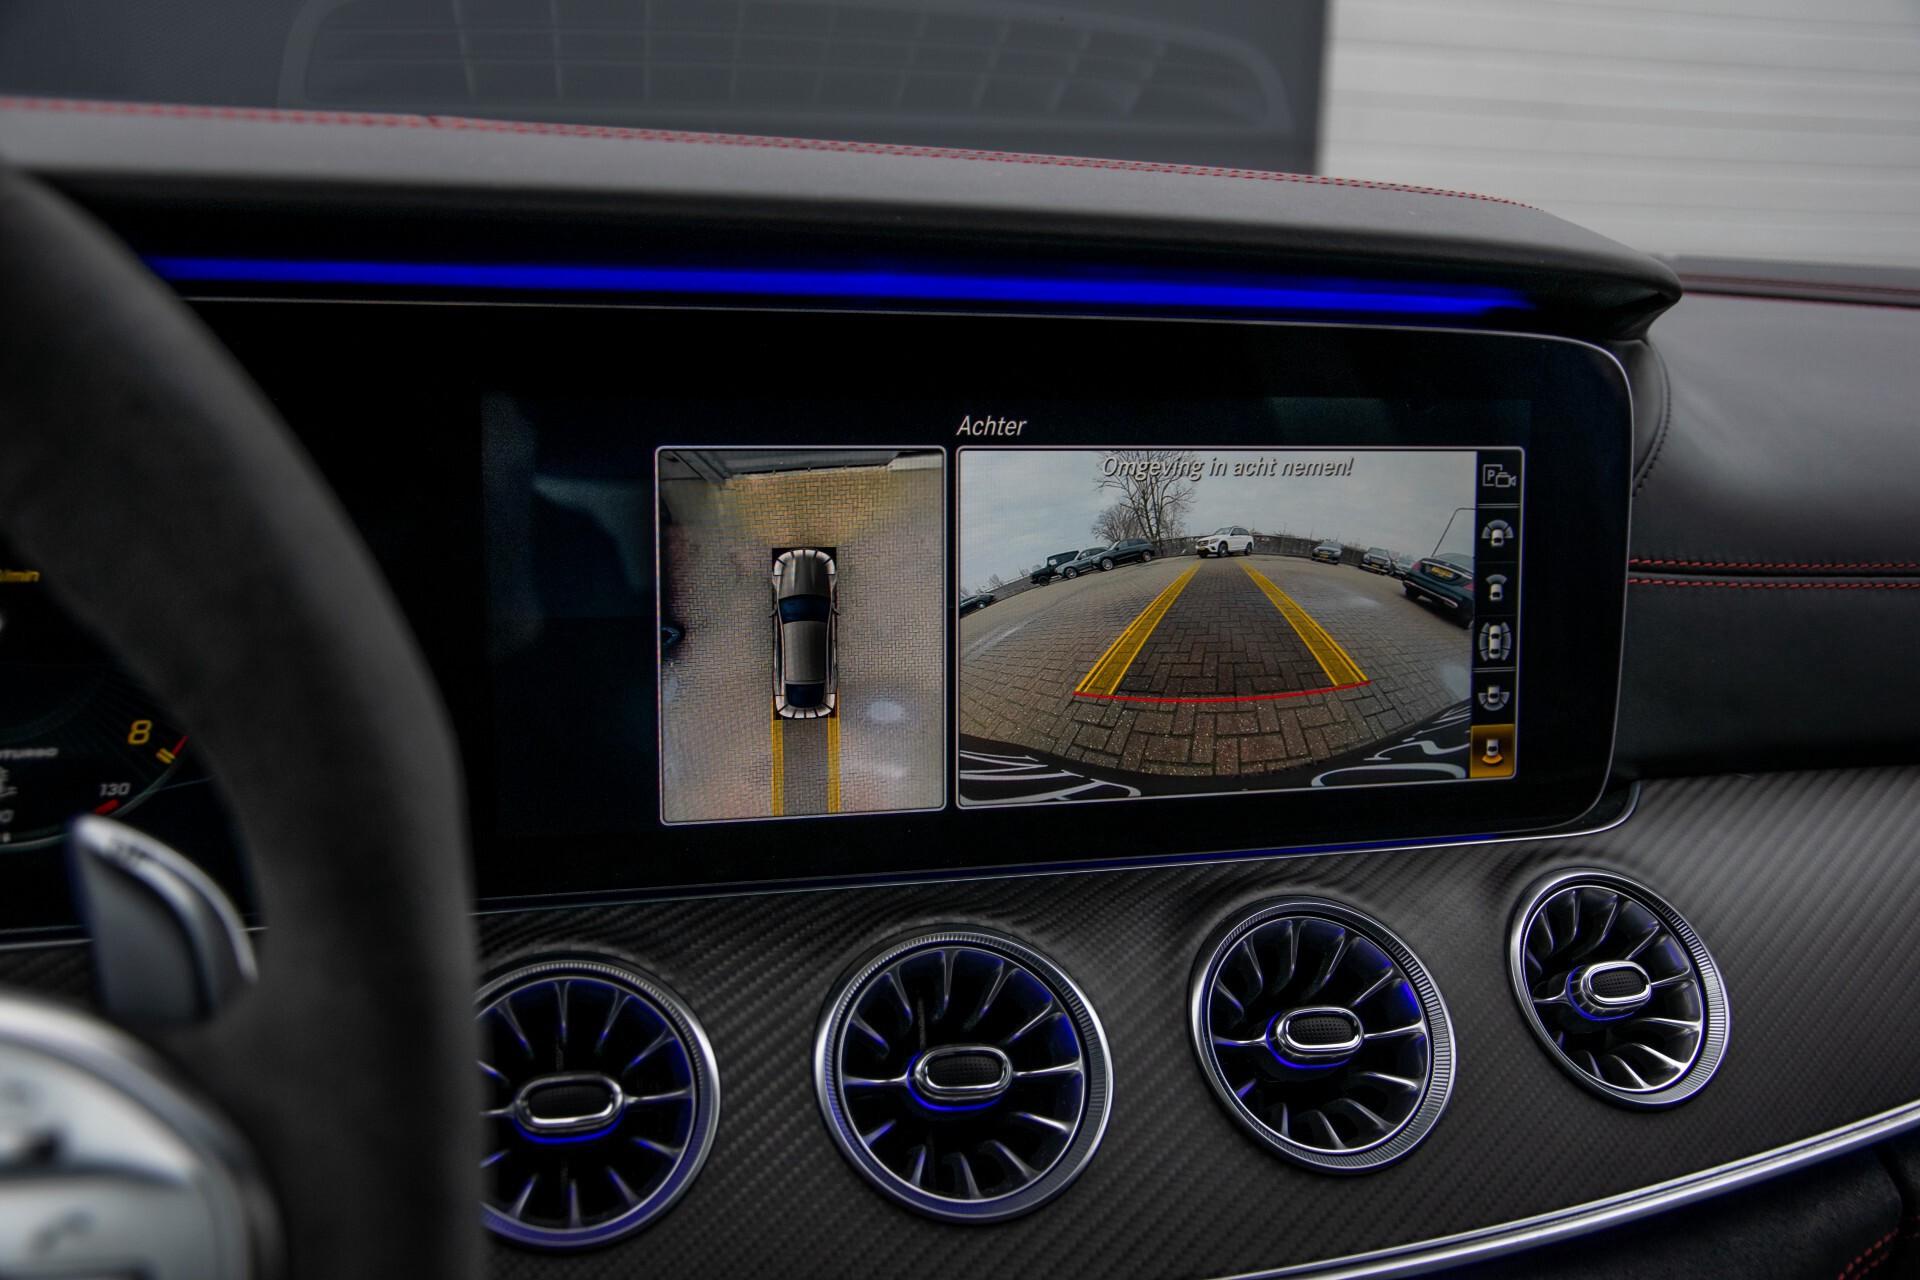 Mercedes-Benz AMG GT 4-Door Coupe 63 S 4M+ Keramisch/Full Carbon/Aerodynamica/Burmester 3D/TV/Performance stoelen/Standkachel Aut9 Foto 45